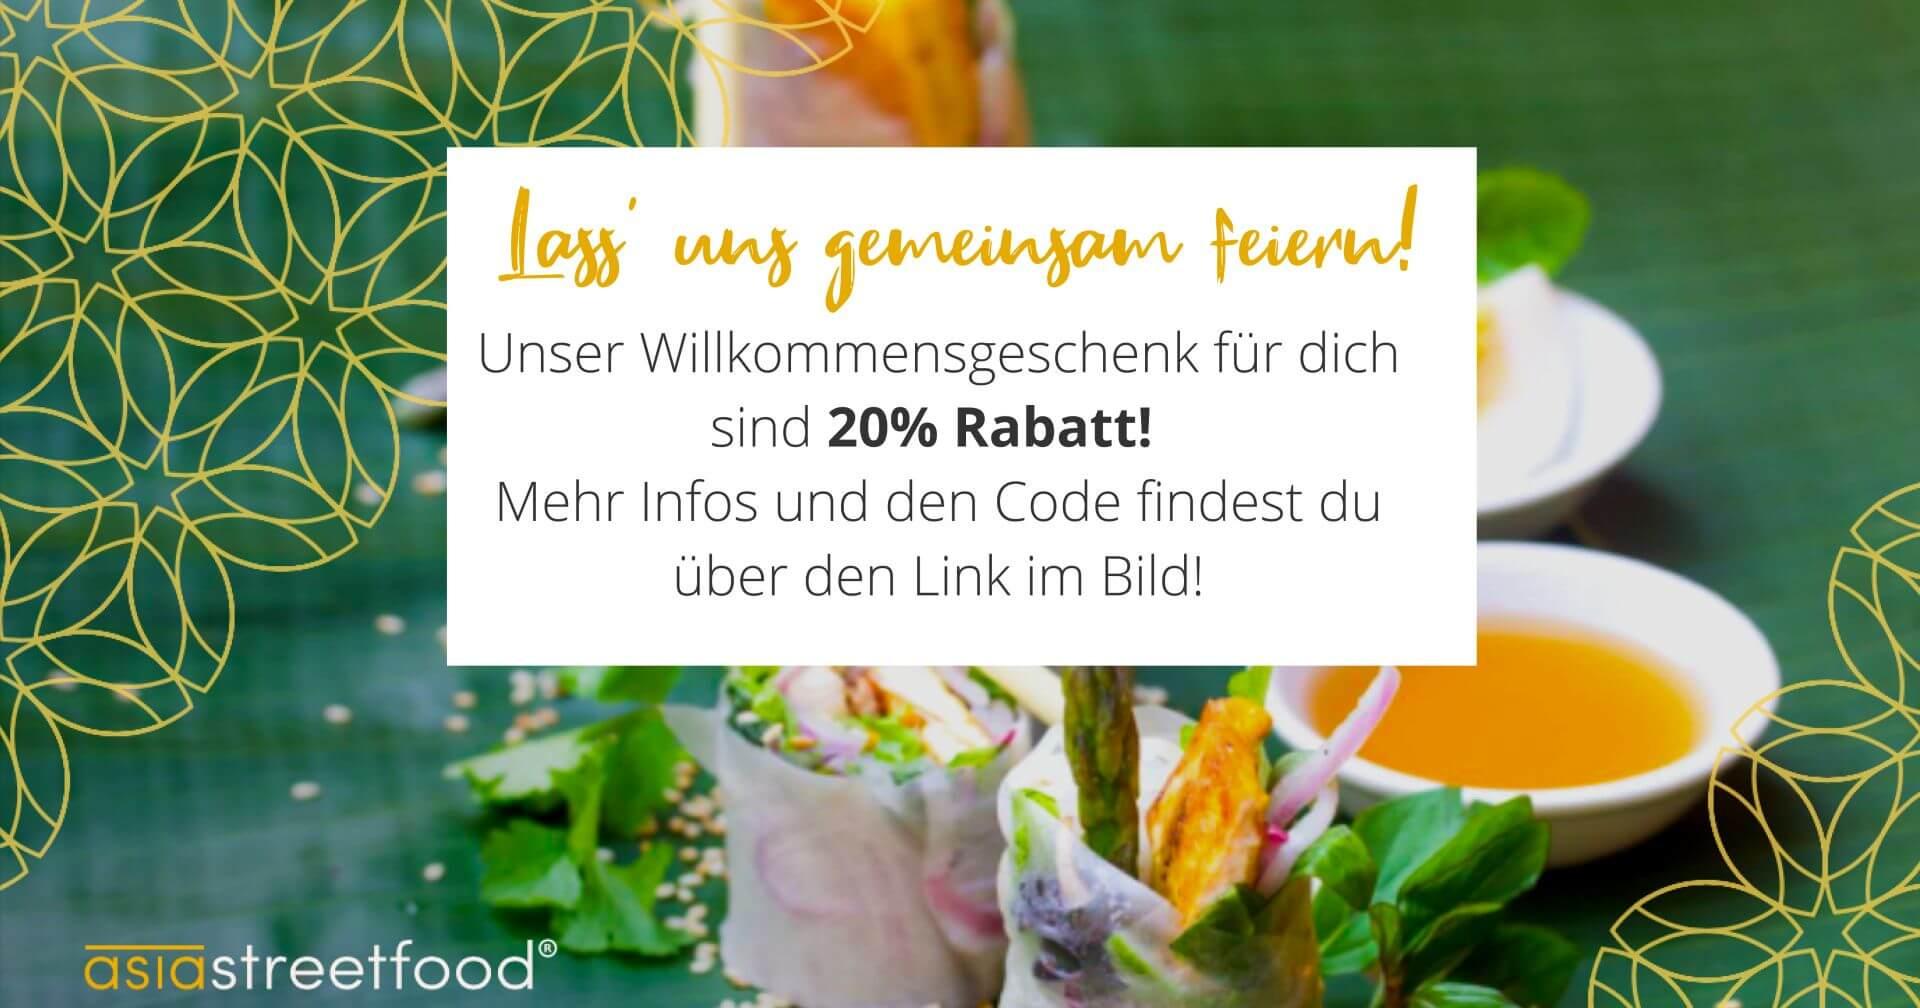 asiastreetfood-online-shop-rabatt